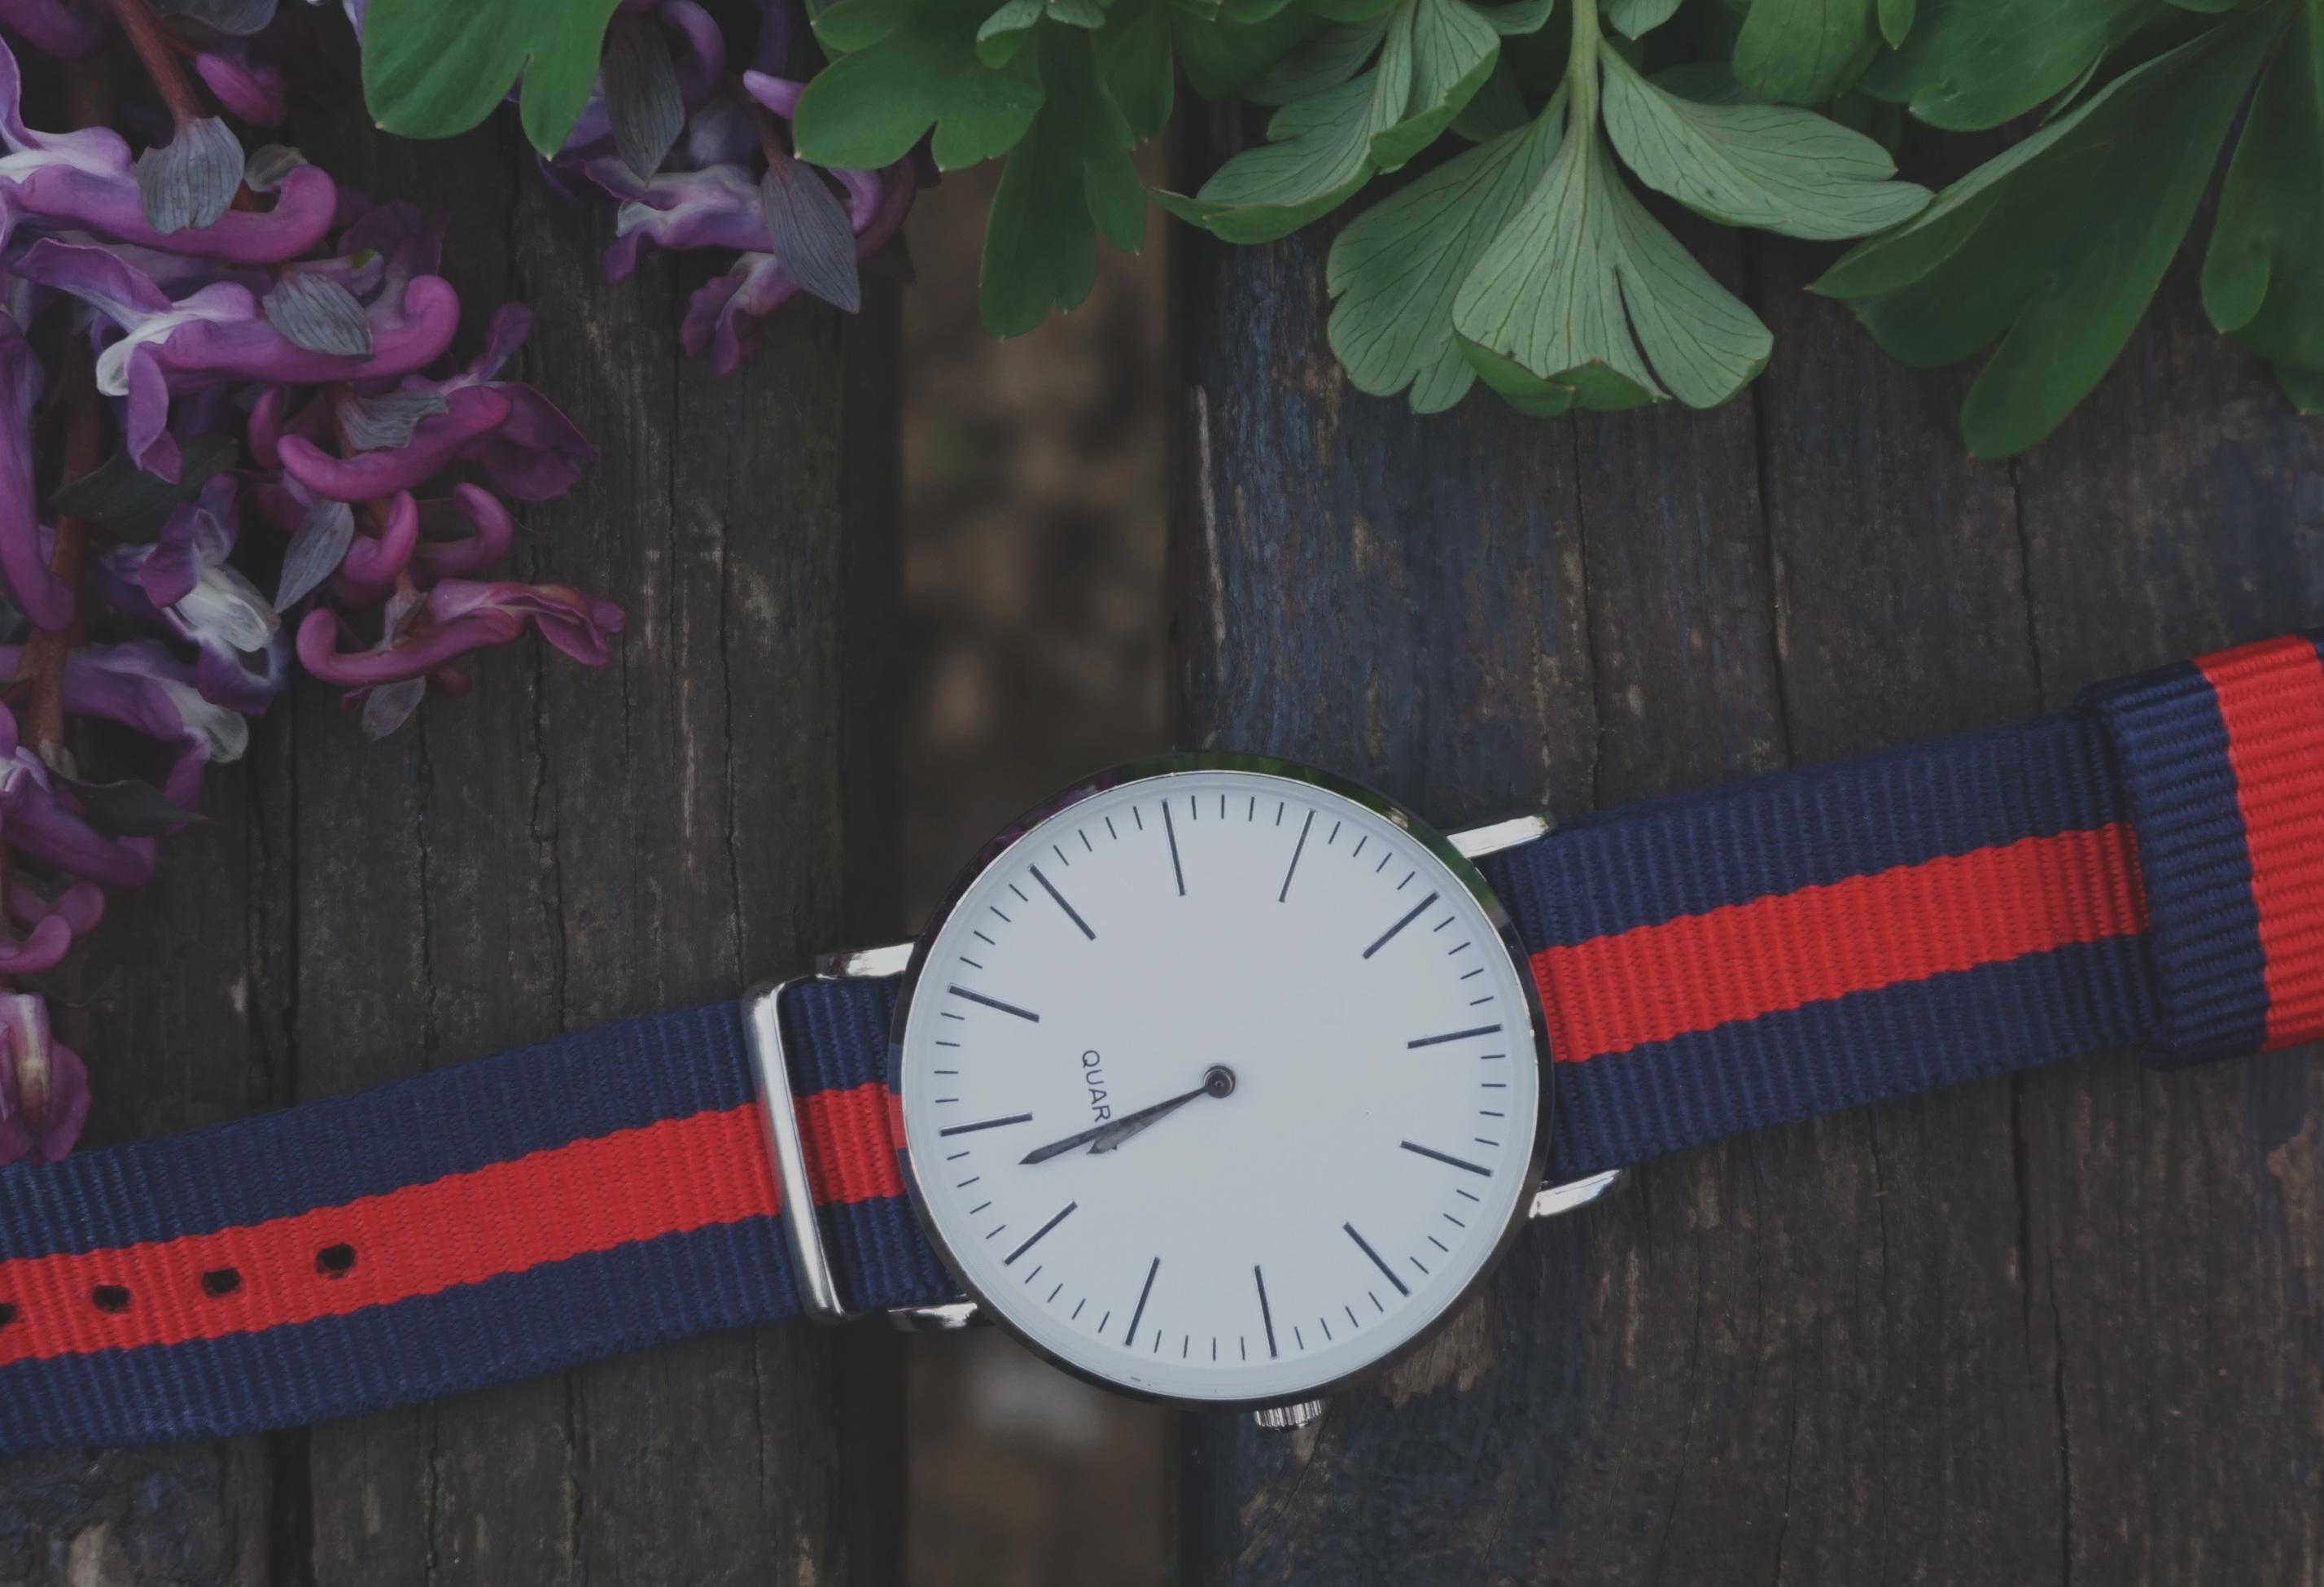 Fotos gratis : hora, rojo, azul, maderas, flora, Plantas, Flores ...